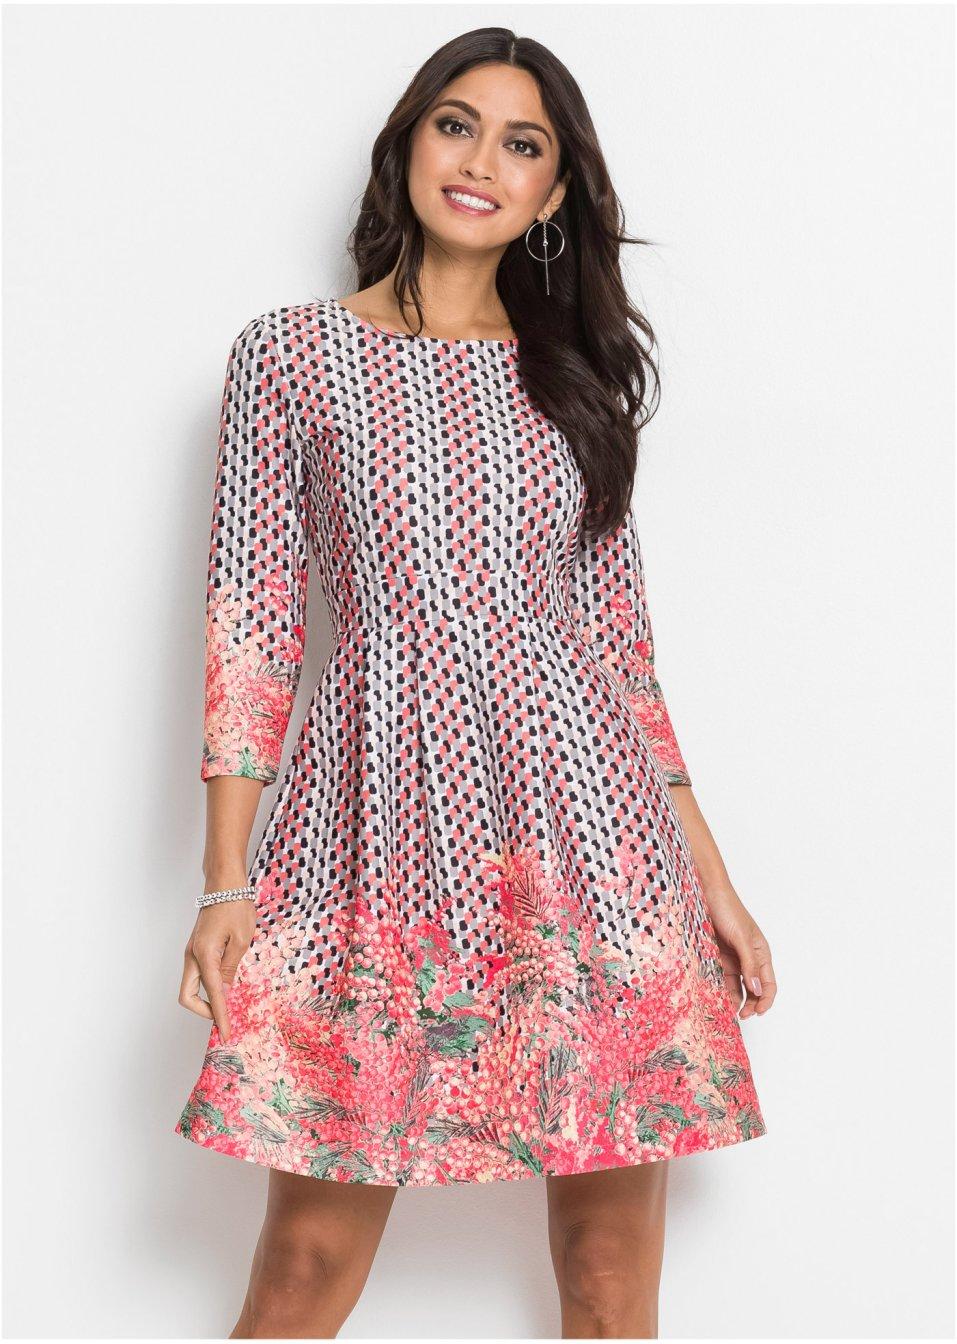 Kleid mit Blumen pink/schwarz/hellgrau - BODYFLIRT ...